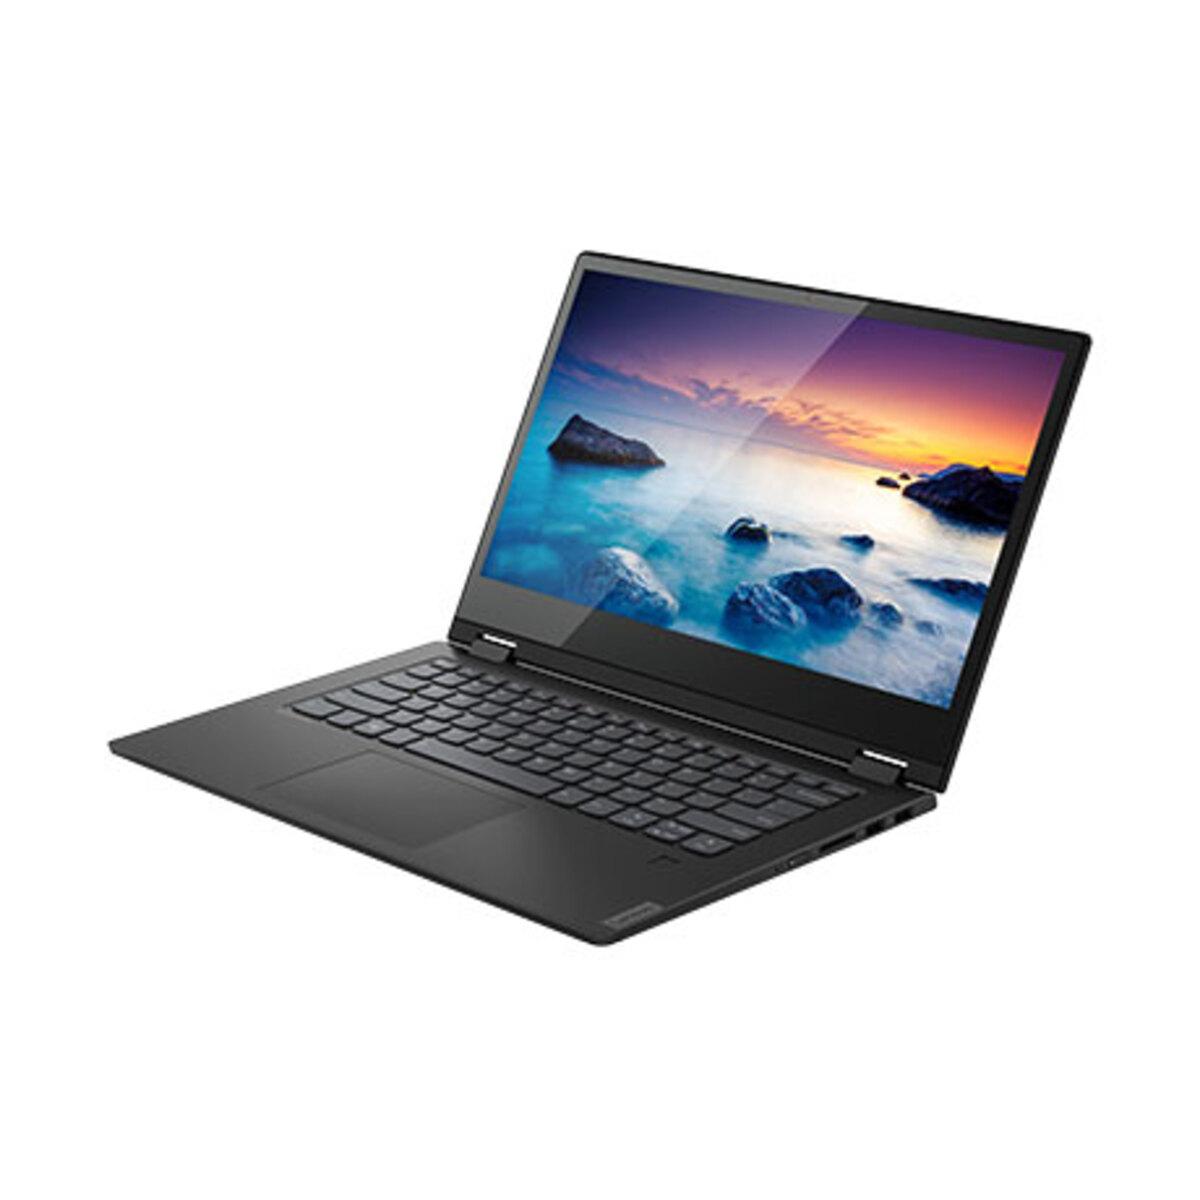 Bild 2 von Convertible-Notebook LENOVO IDEAPAD C3401